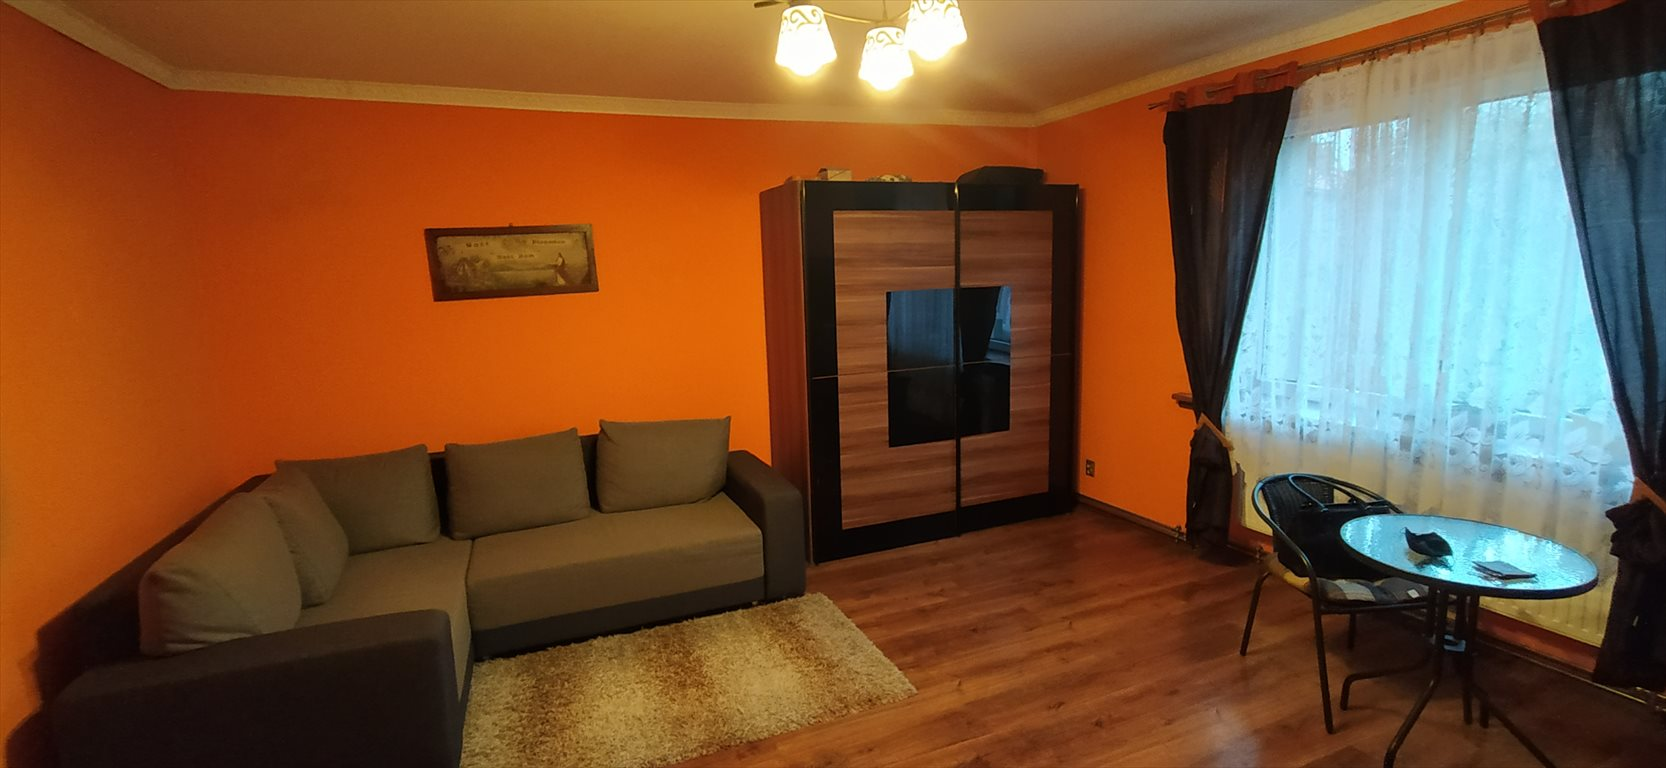 Mieszkanie dwupokojowe na sprzedaż Ruda Śląska, Ruda, Ruda, Stefana Żeromskiego  51m2 Foto 1